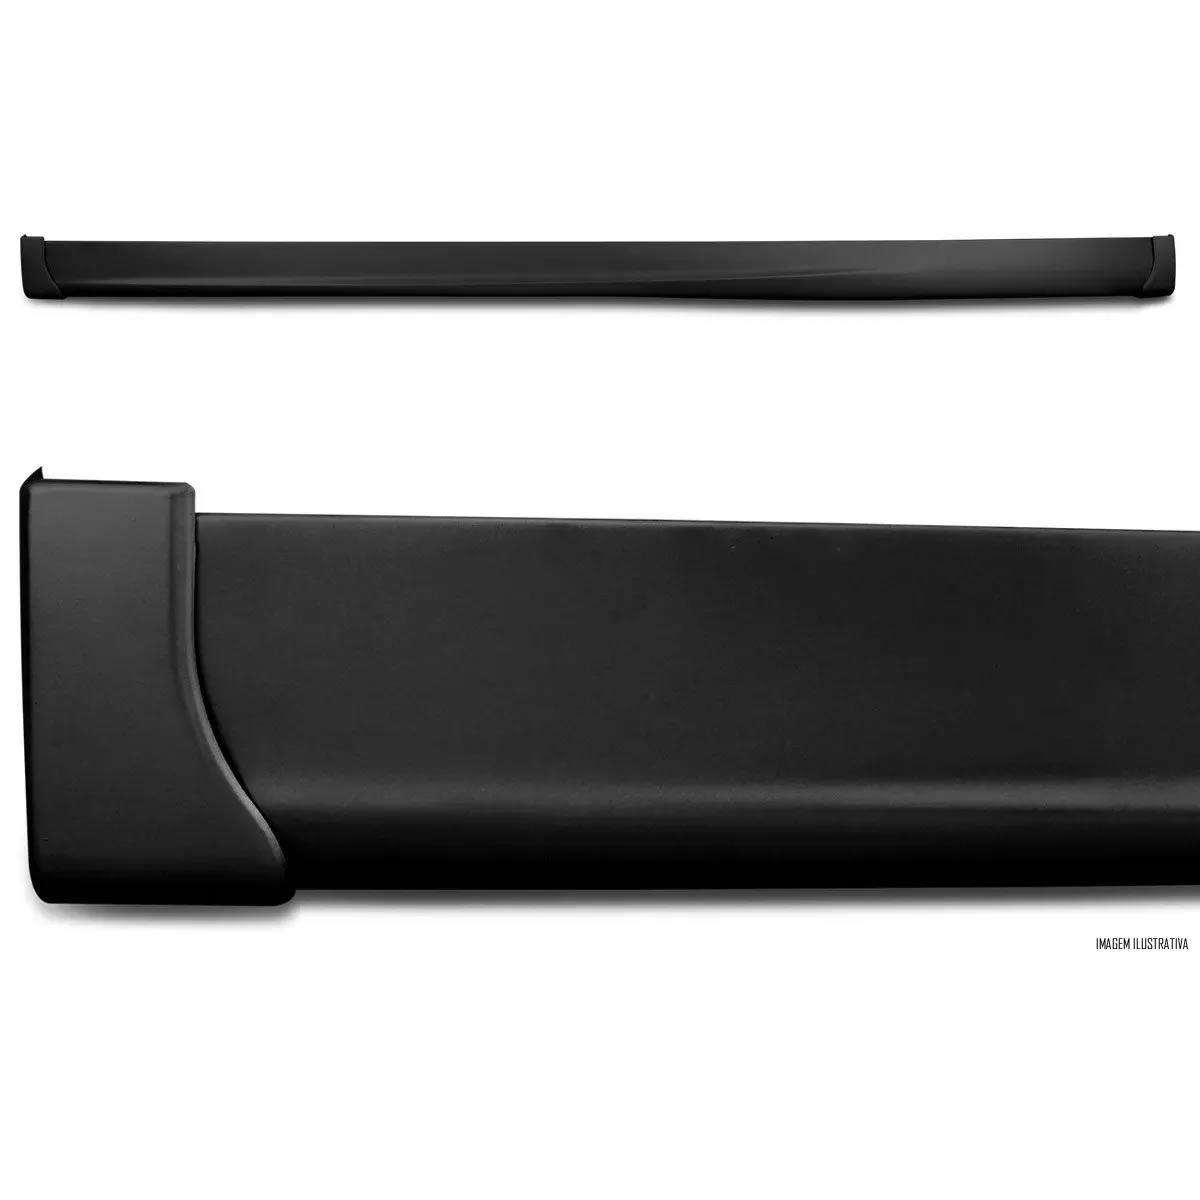 Spoiler Lateral Universal Avangard TG Poli Aplicável de 1,65 metros a 2,05 metros - Preto